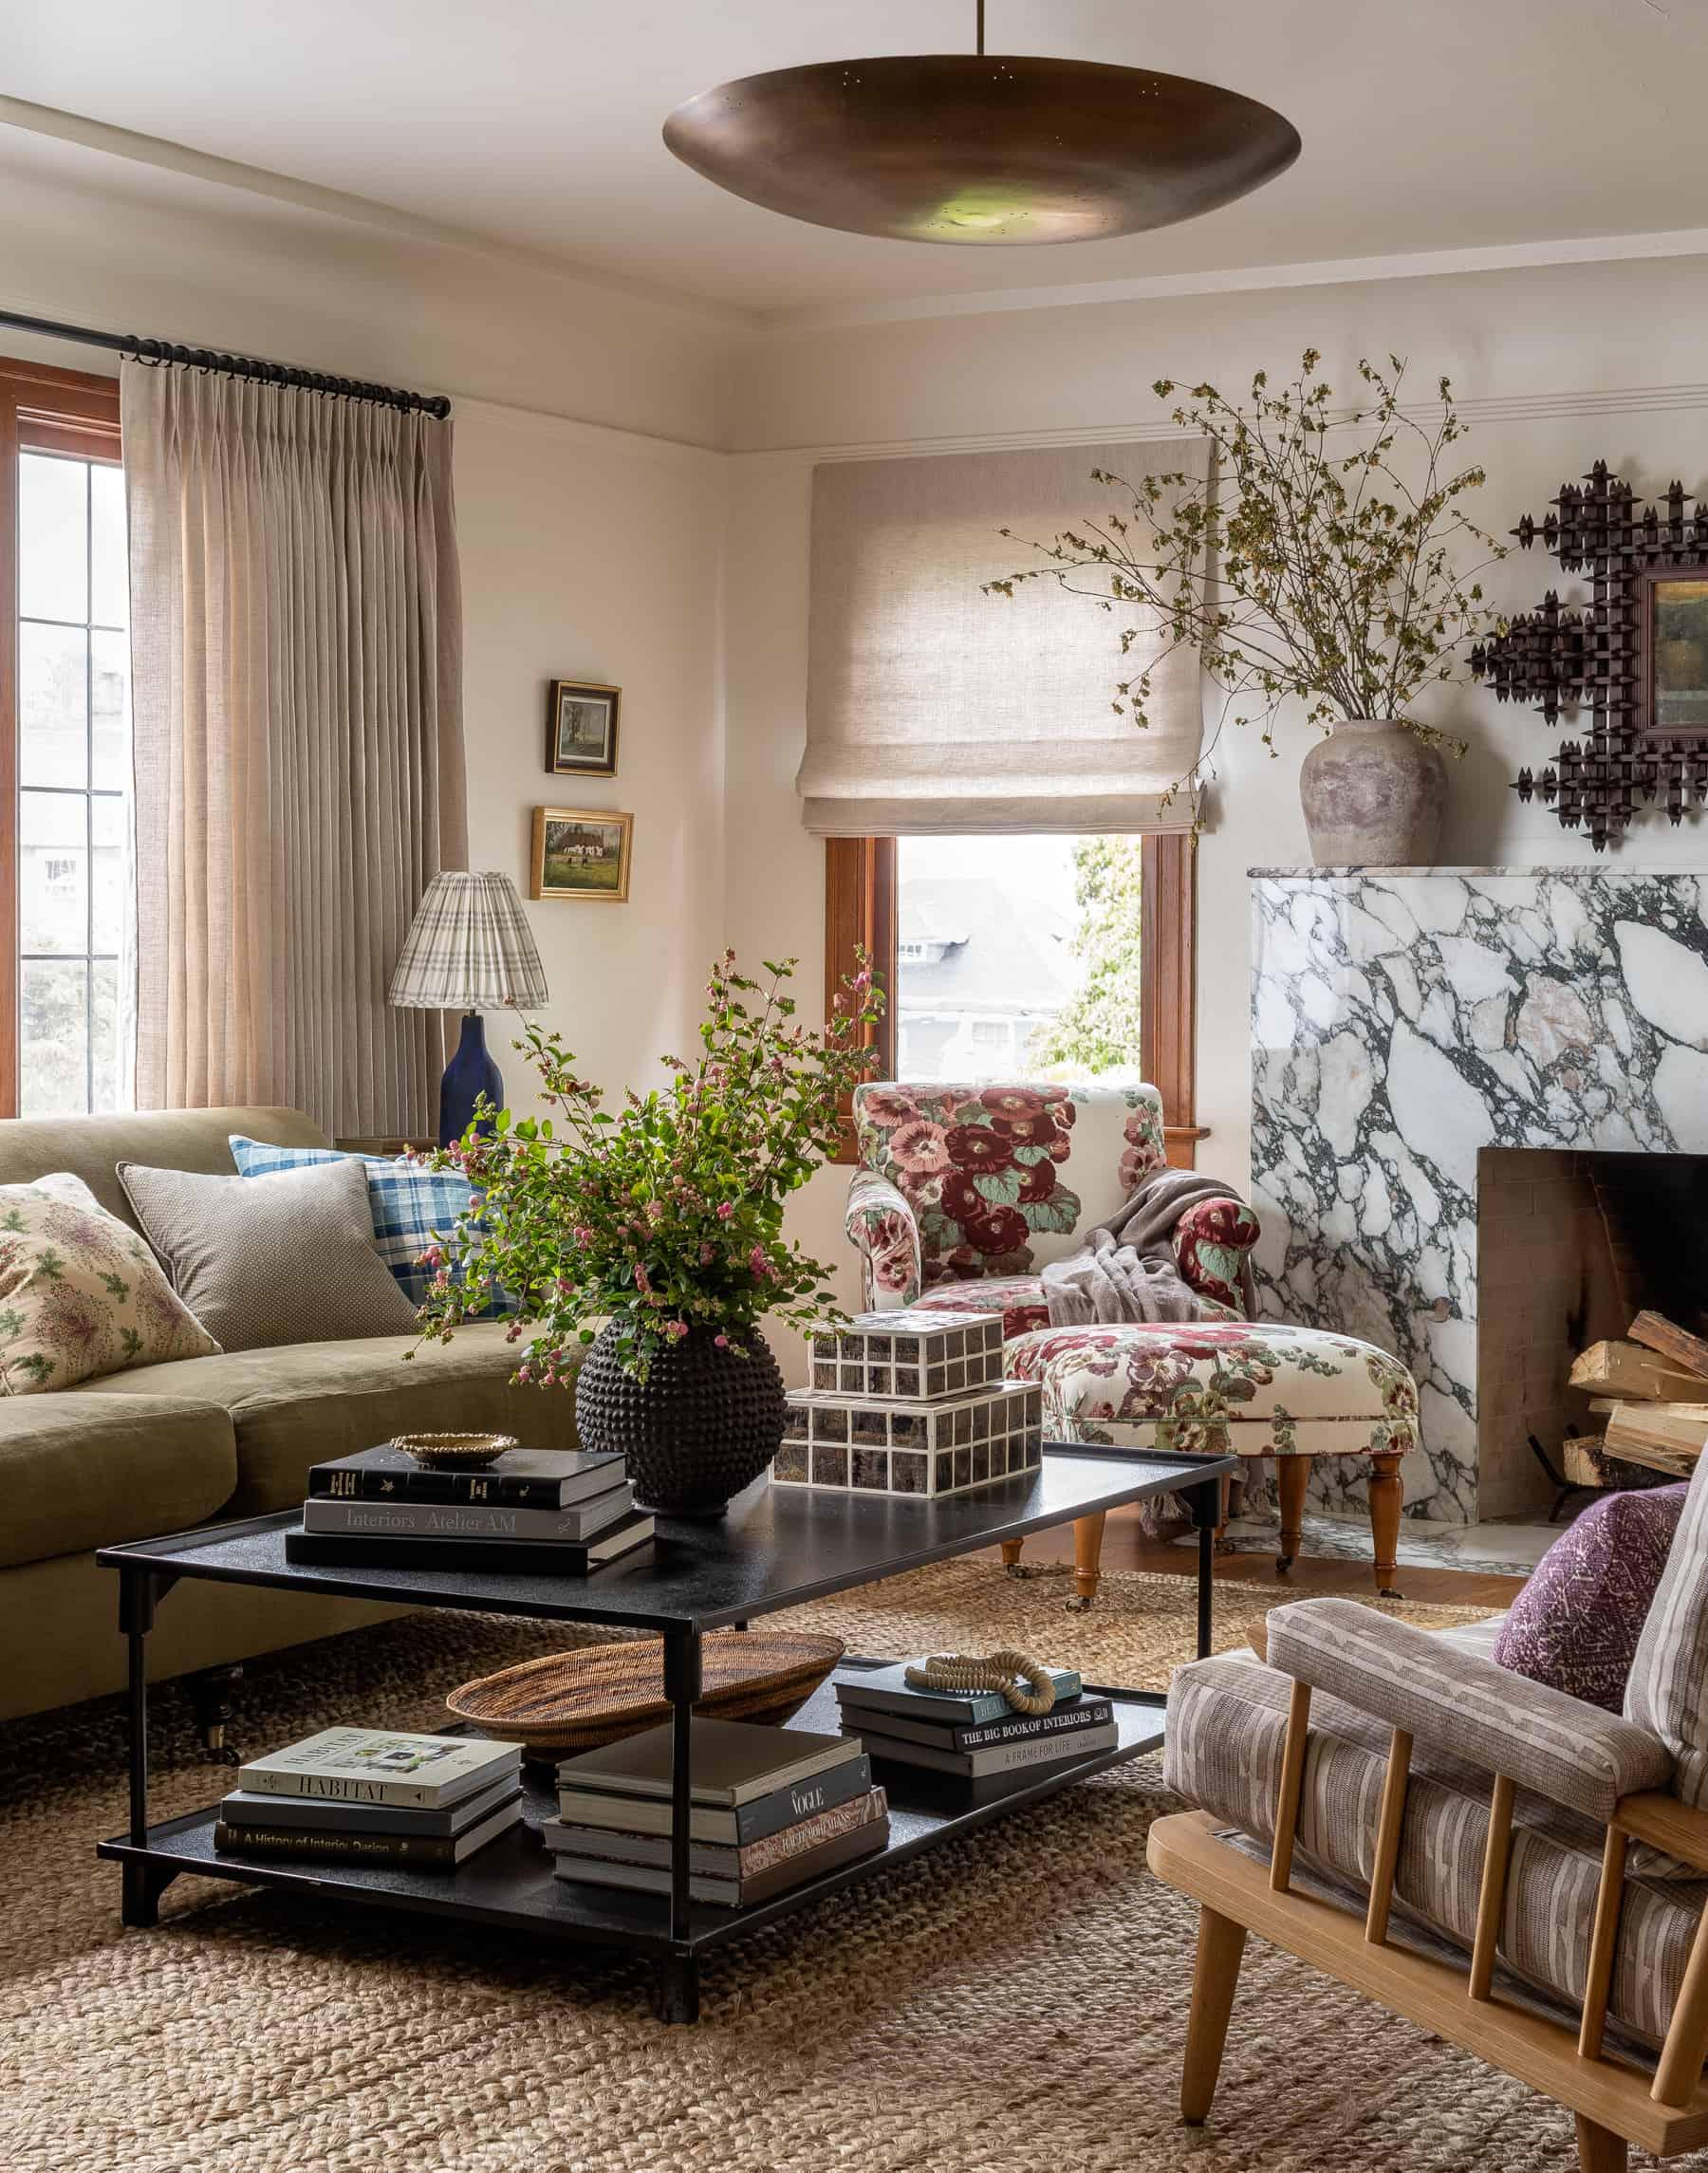 heidi callier design living room